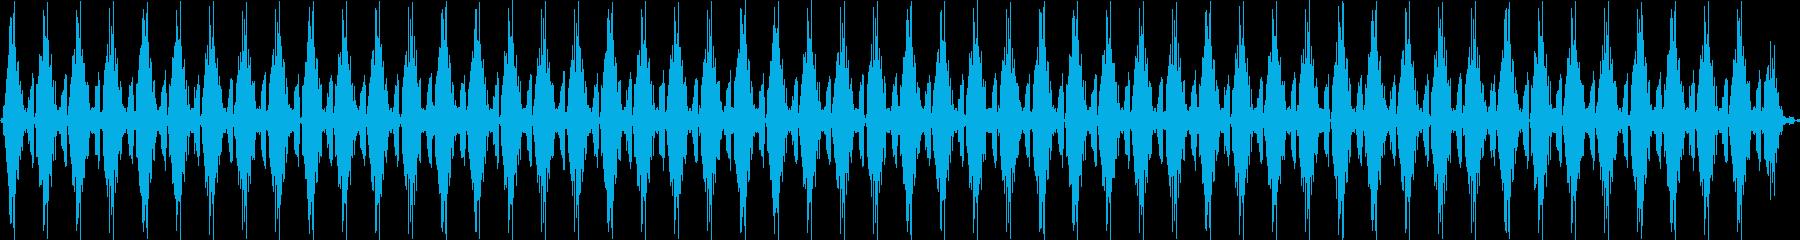 重いコンピューターデータまたはテレ...の再生済みの波形